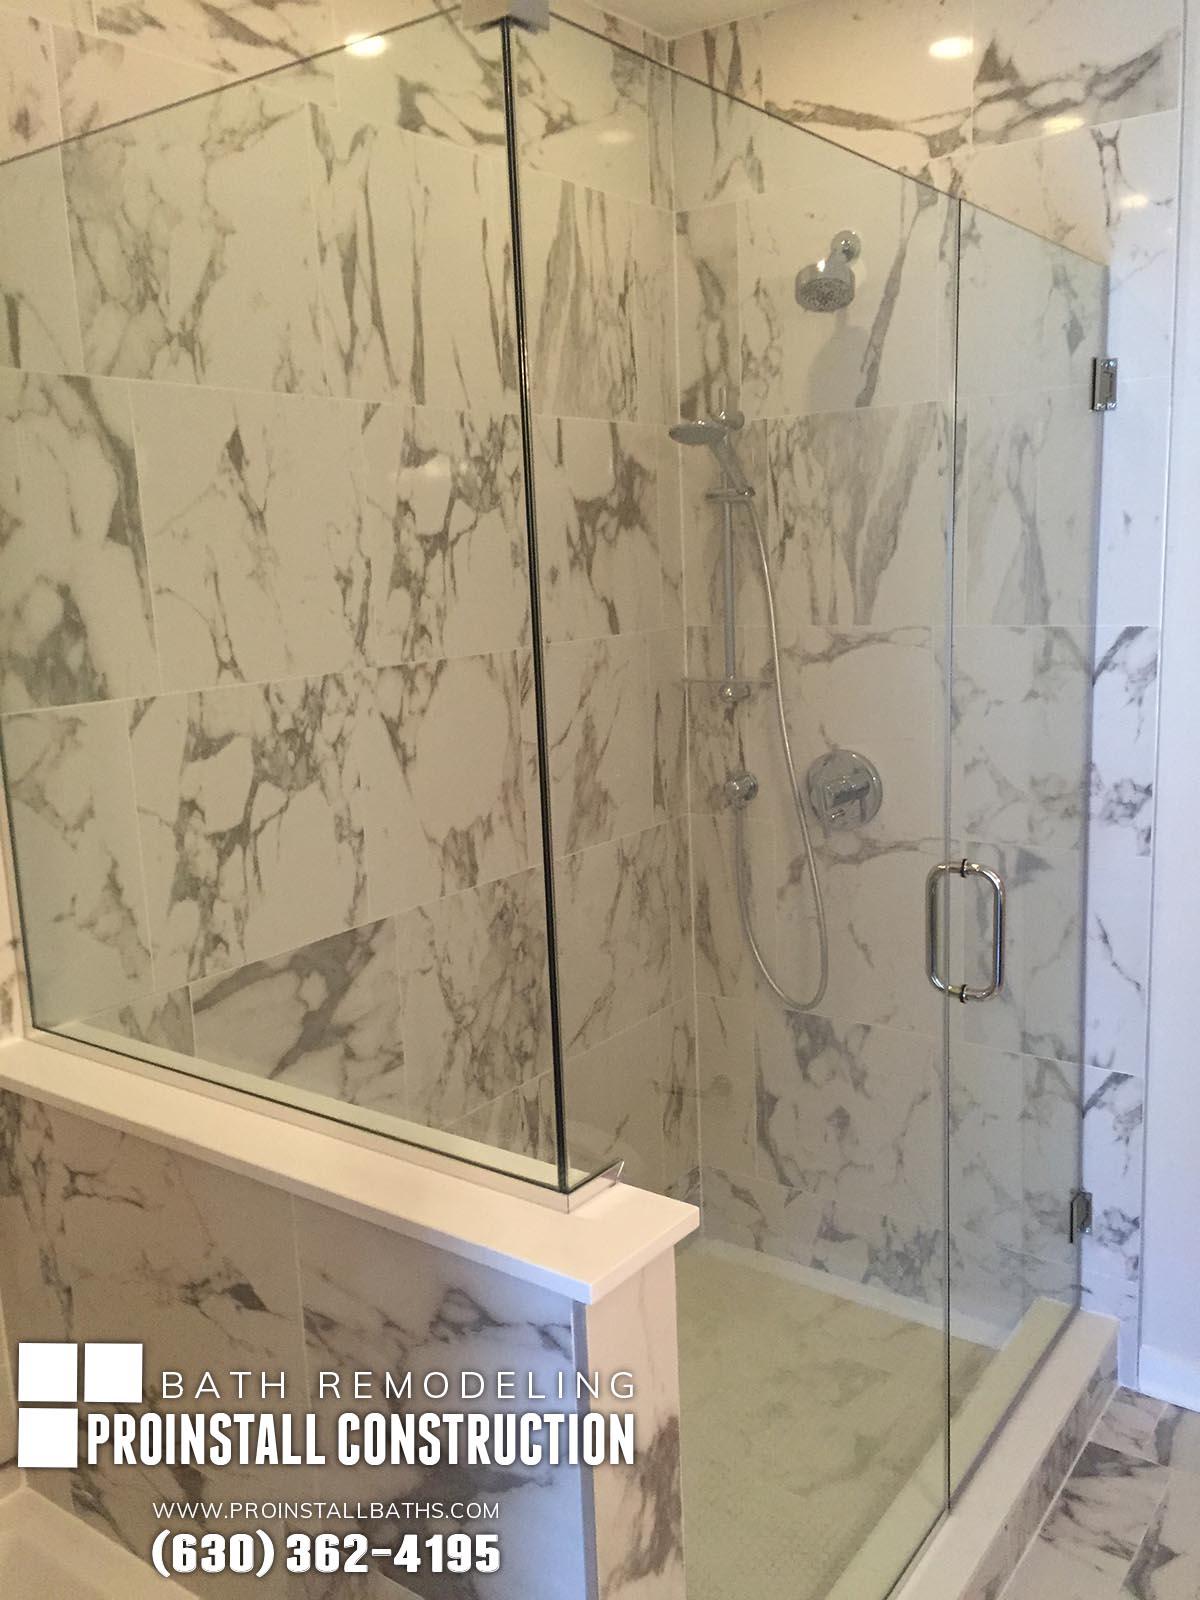 bathroom remodeling & kitchen remodeling elmhurst and glen ellyn il